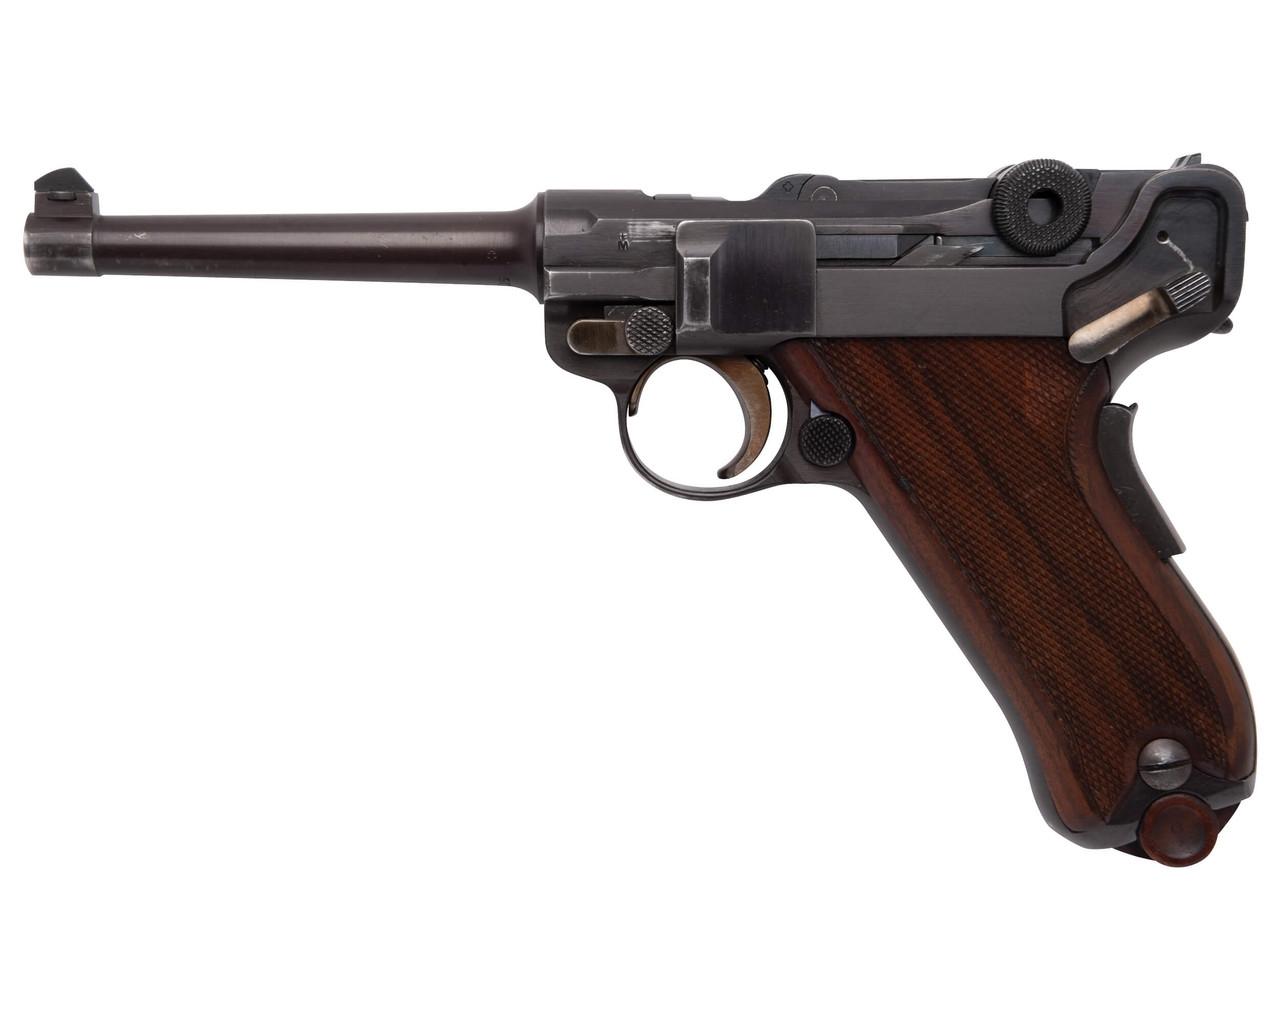 W+F Bern Swiss 06/24 Luger - sn 27xx5